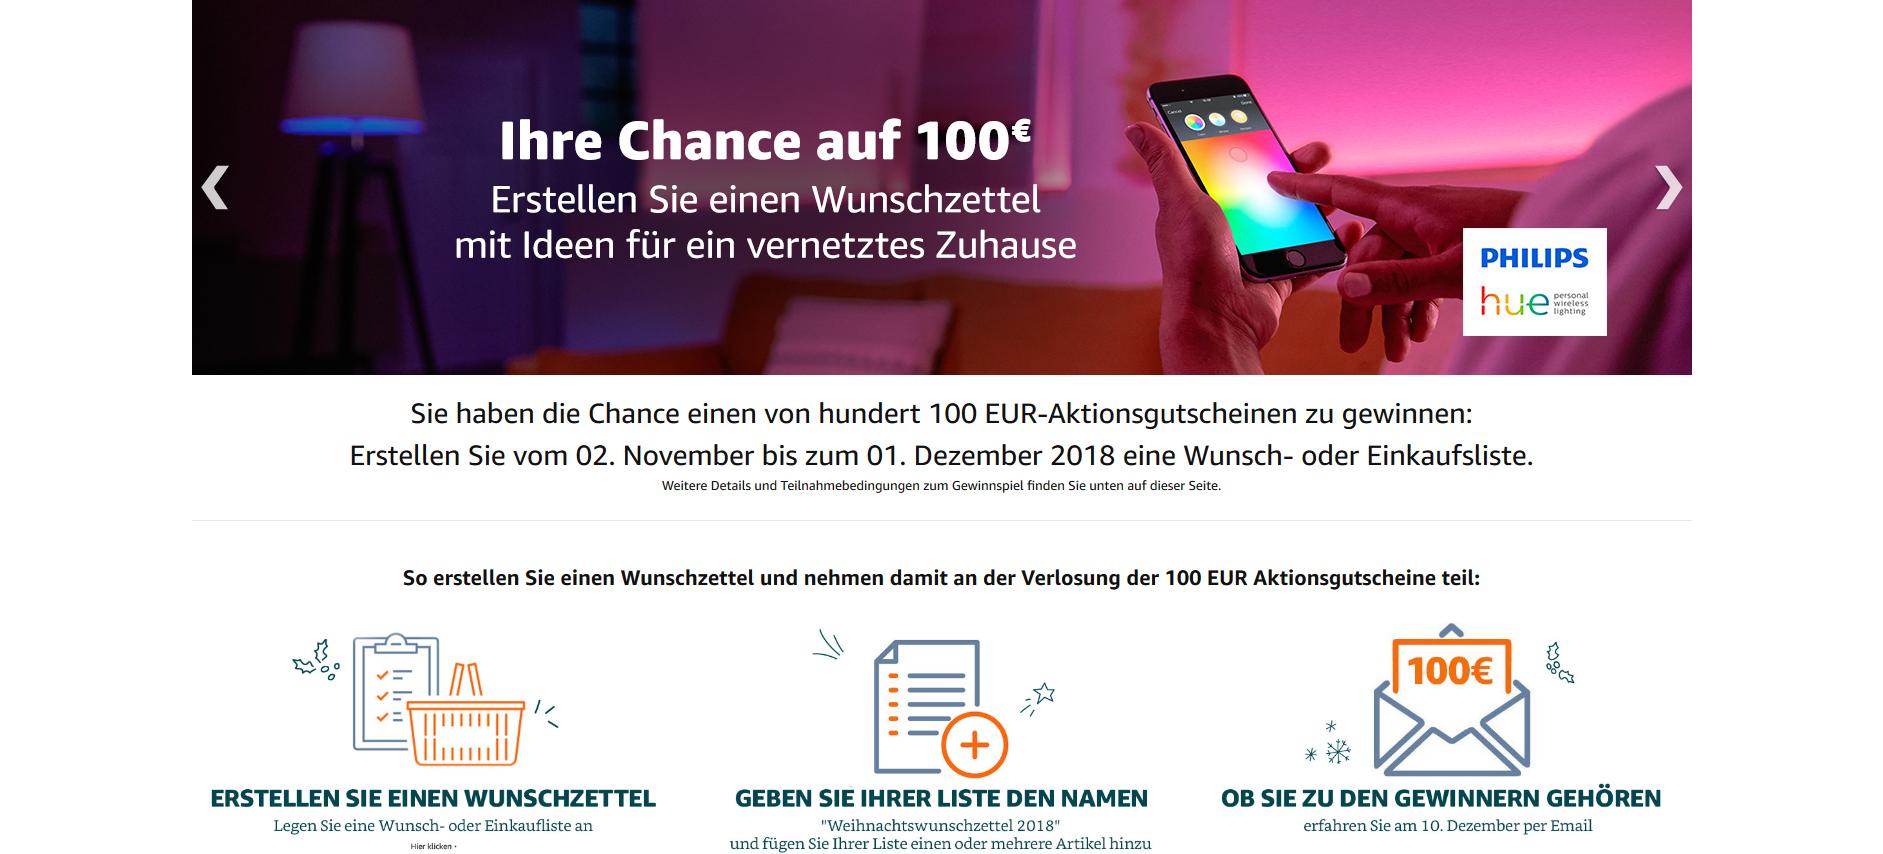 www.AMAZON.de l Chance einen von hundert 100 EUR-Aktionsgutscheinen ...